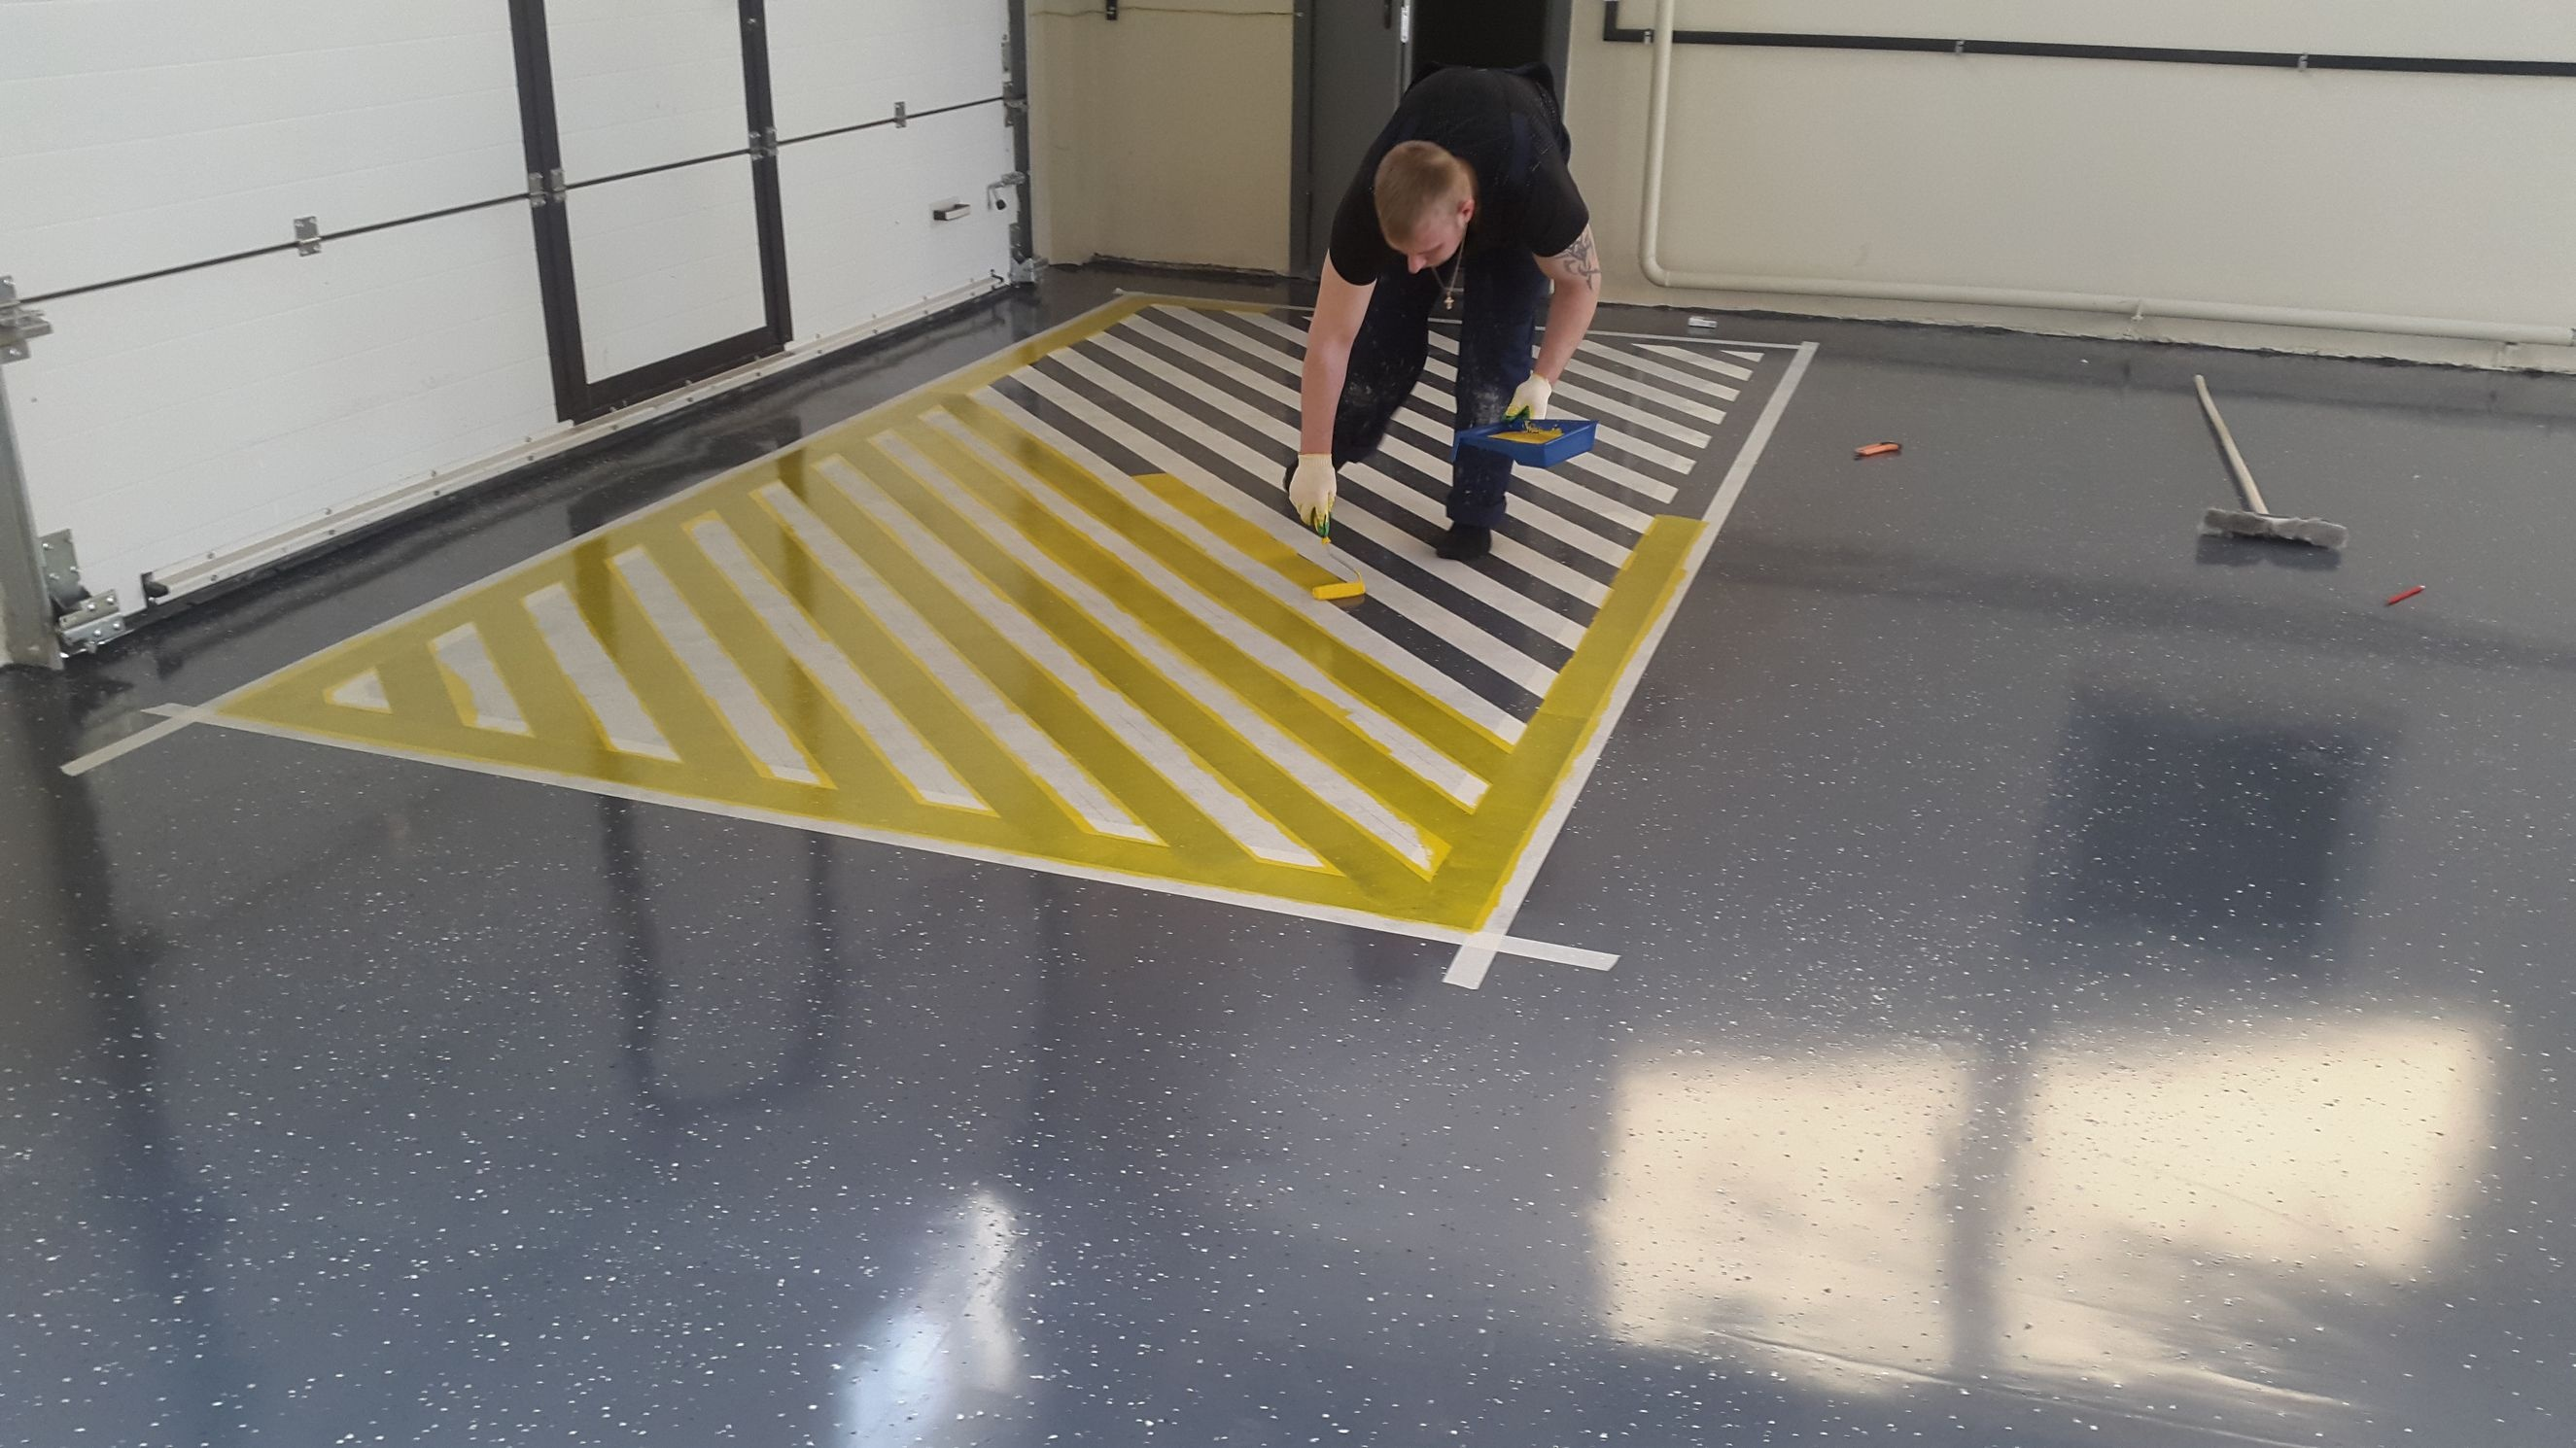 Пол в гараже наливной полимерный: как сделать своими руками, какое заливное покрытие на цементной основе лучше, монтаж и уход